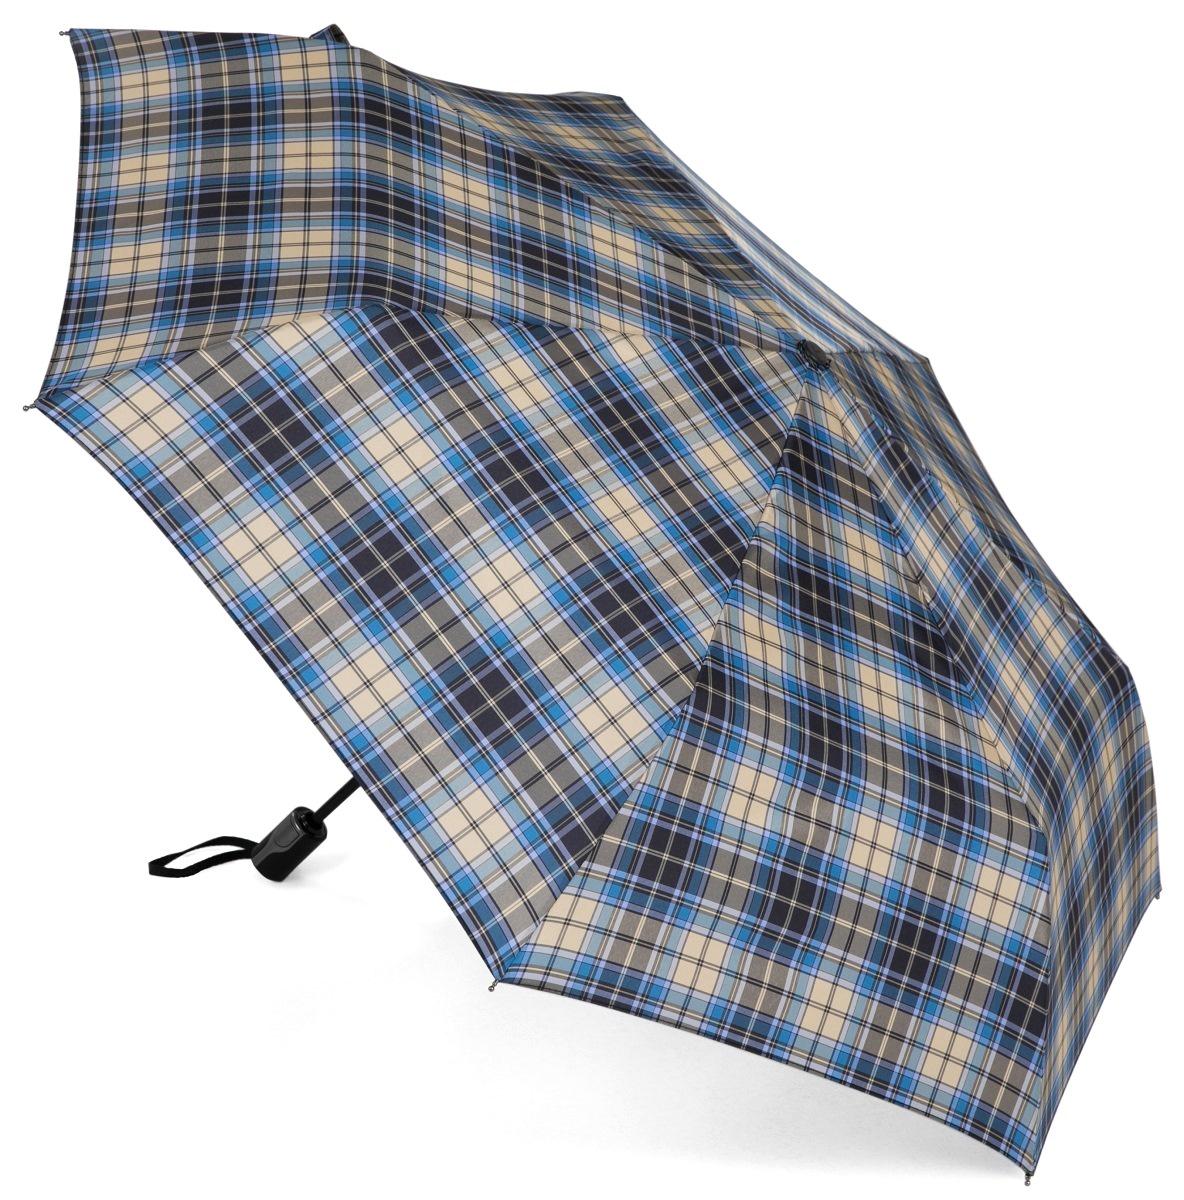 Зонт Три слона 367-D, голубой, черный